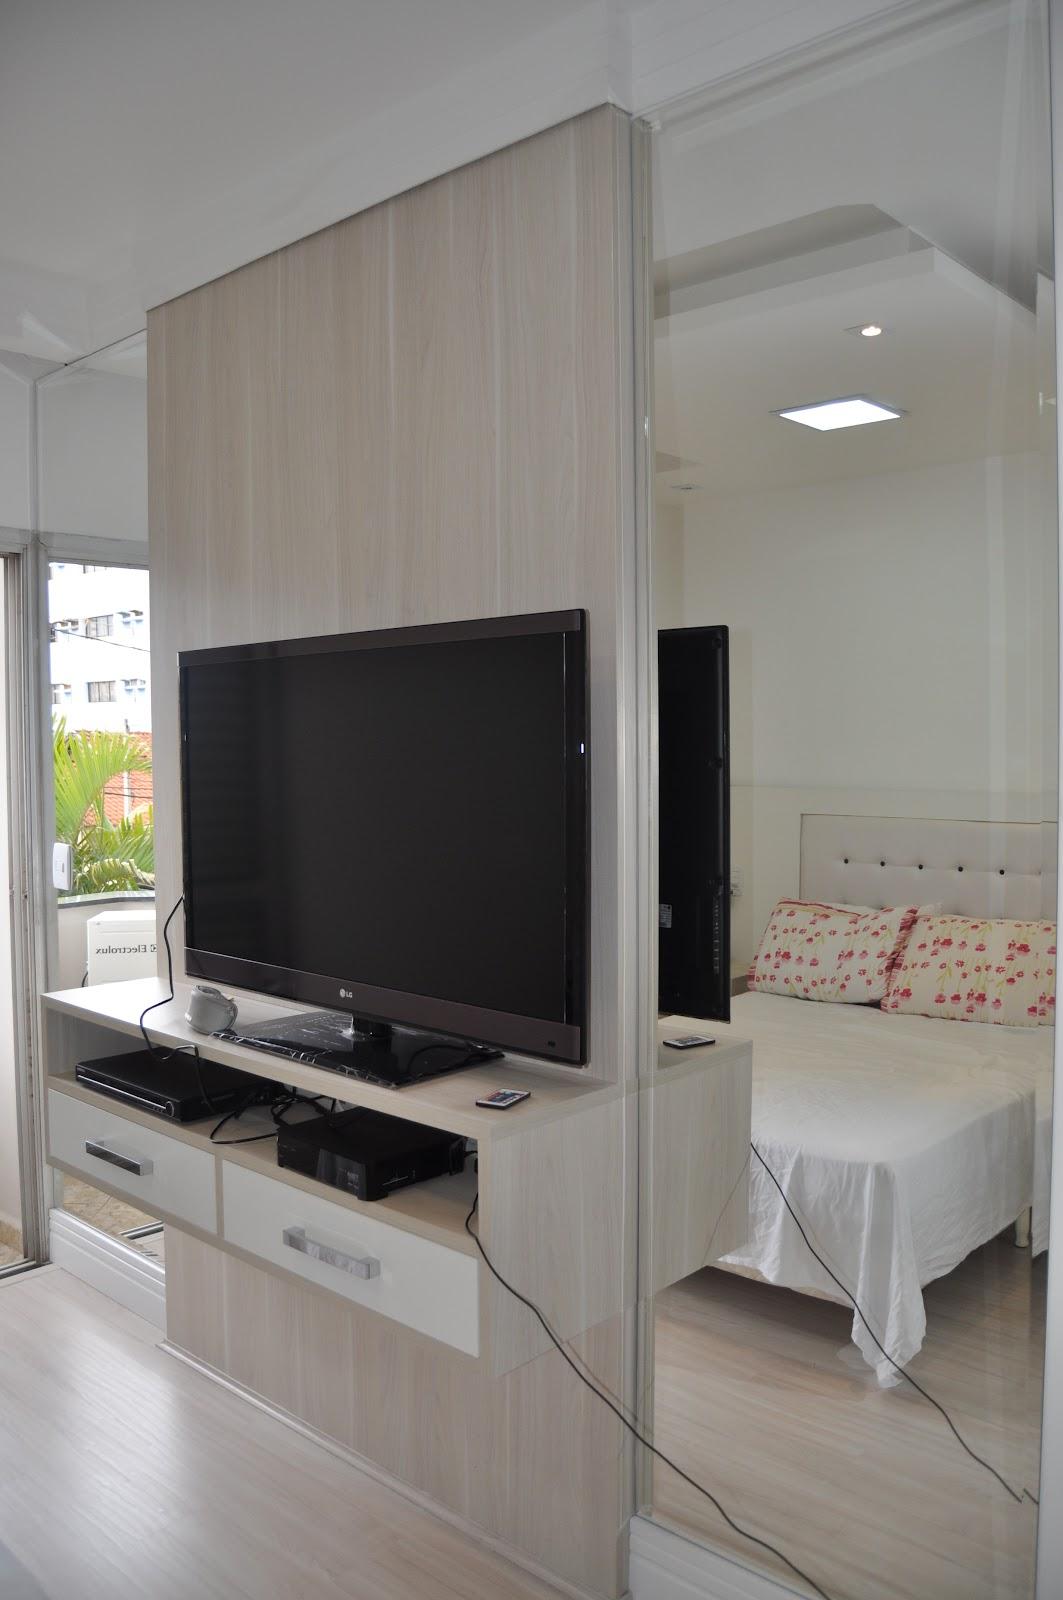 Quarto   Closed   Banheiro Apartamento Dois Dormitorios em Bauru/SP #758843 1063 1600